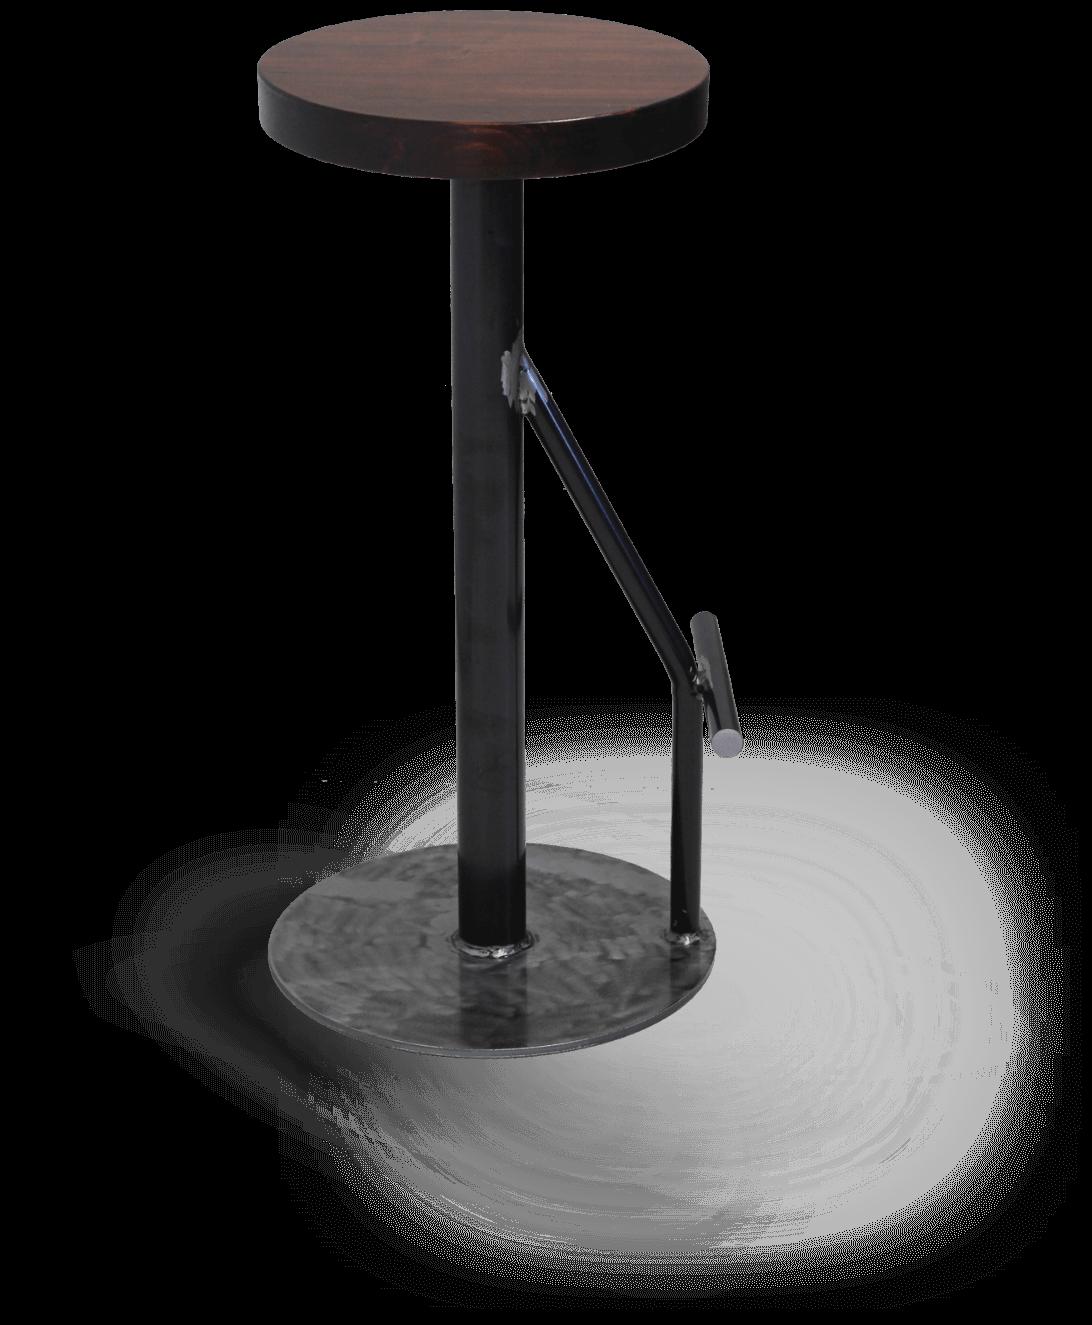 produzione-sgabelli-su-misura-in-metallo-ferro-sgabelli-in-legno-stile-vintage-sgabelli-per-arredamento-contract-sgabelli-per-arredamento-ristoranti-negozi-sgabelli-bar-alberghi-ERMES1-m